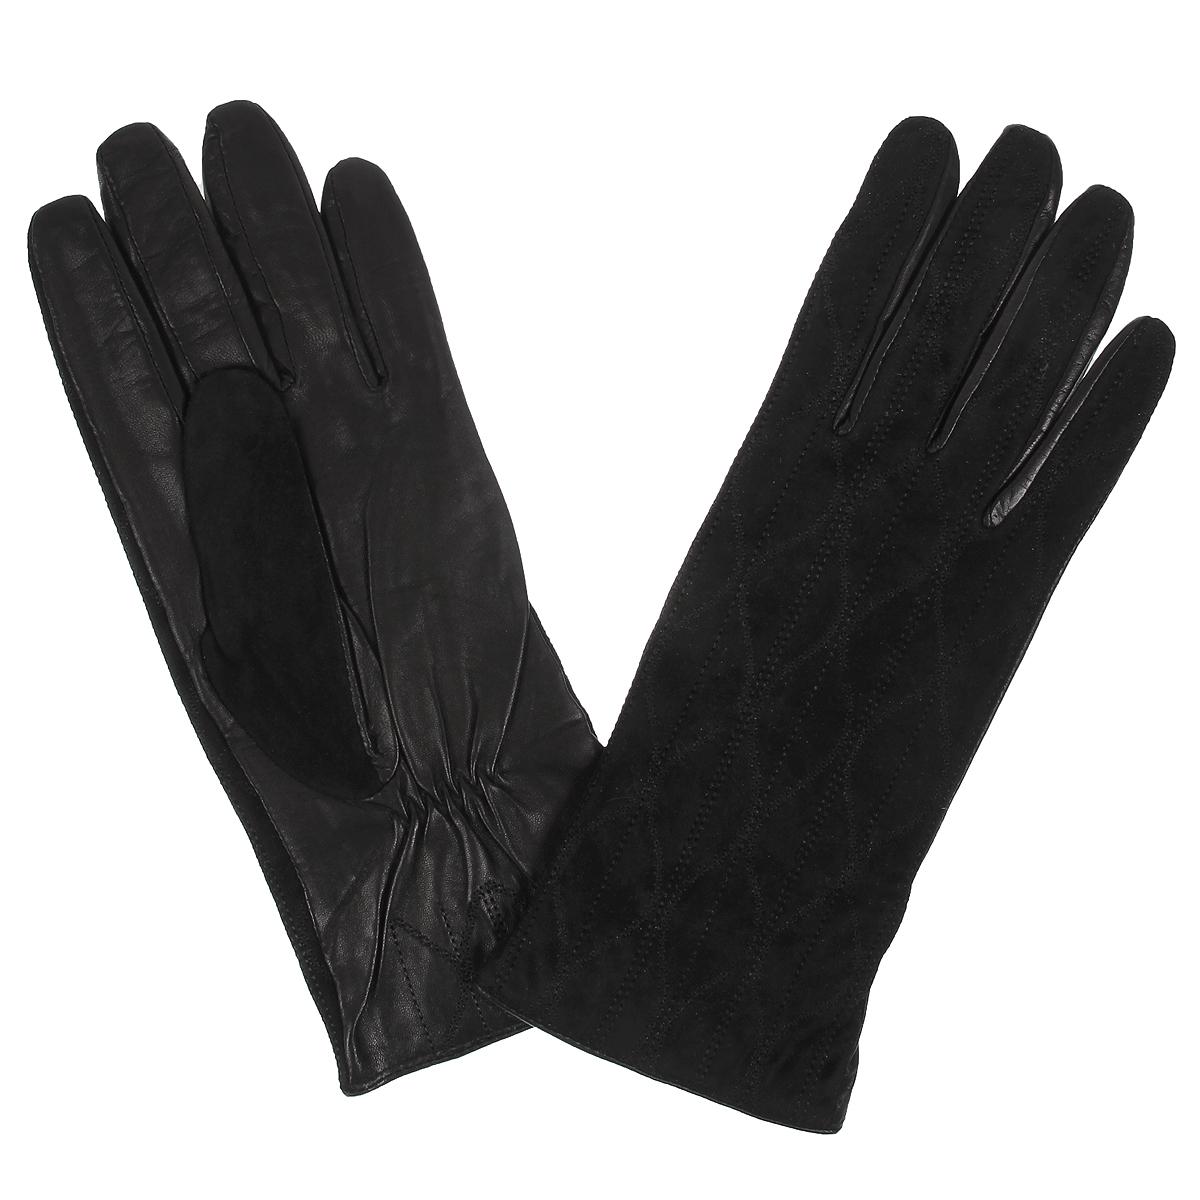 Перчатки женские. W2318W2318/10Стильные женские перчатки Baggini с подкладкой из шерсти выполнены из мягкой и приятной на ощупь натуральной кожи и замши. Лицевая сторона оформлена декоративной отстрочкой. С тыльной стороны под большим пальцем перчатки присборены на резинку. Такие перчатки подчеркнут ваш стиль и неповторимость и придадут всему образу нотки женственности и элегантности.